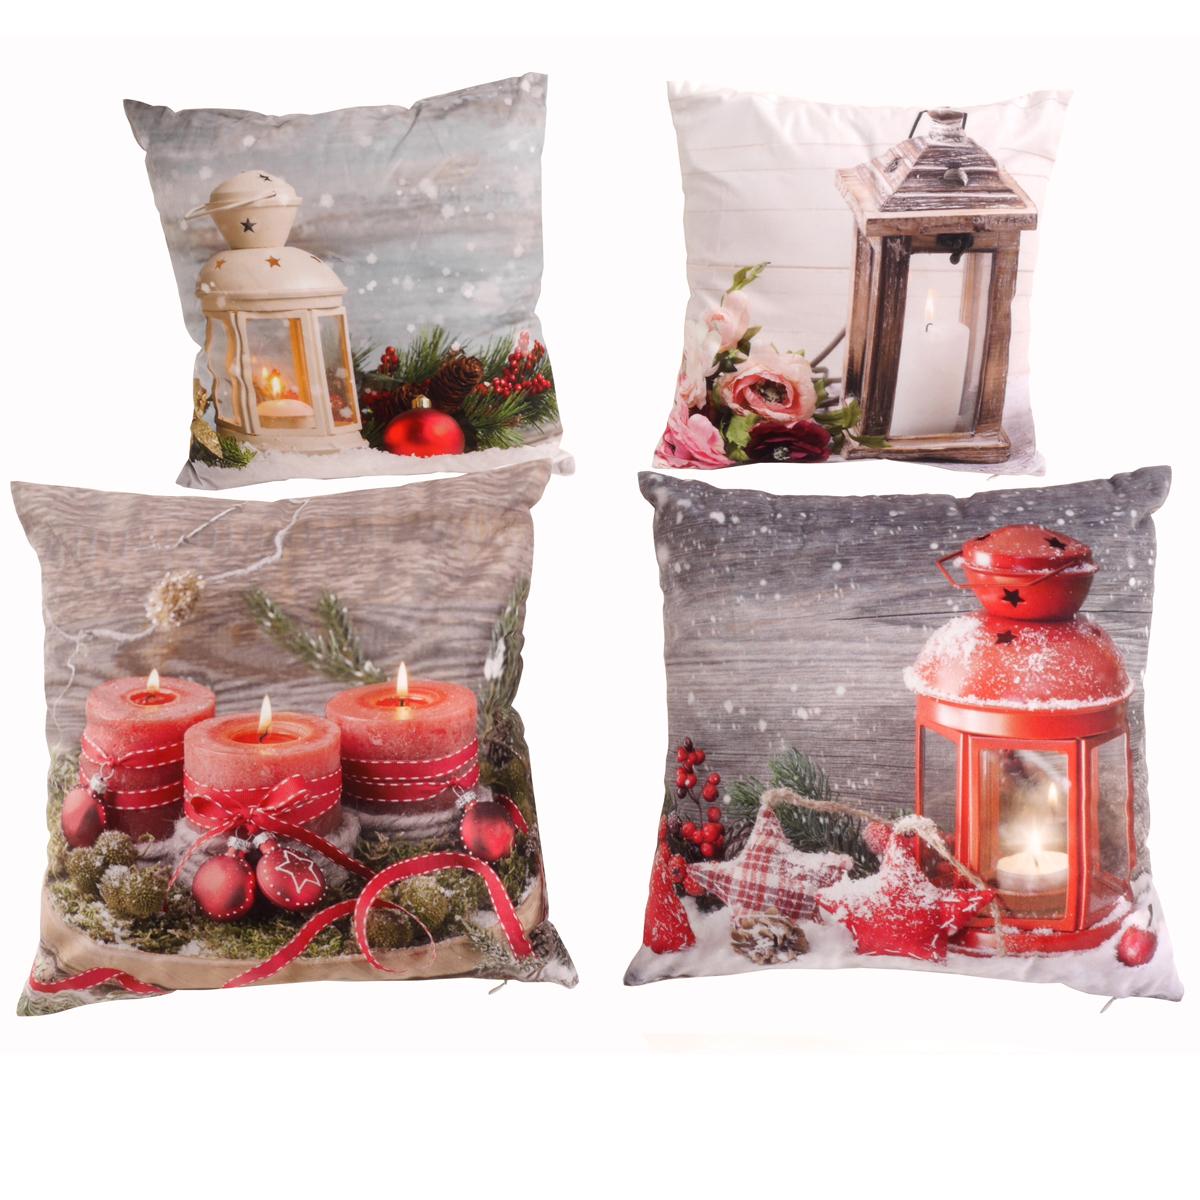 Dekokissen led winter design weihnachten sofa 40x40 cm - Dekokissen weihnachten ...